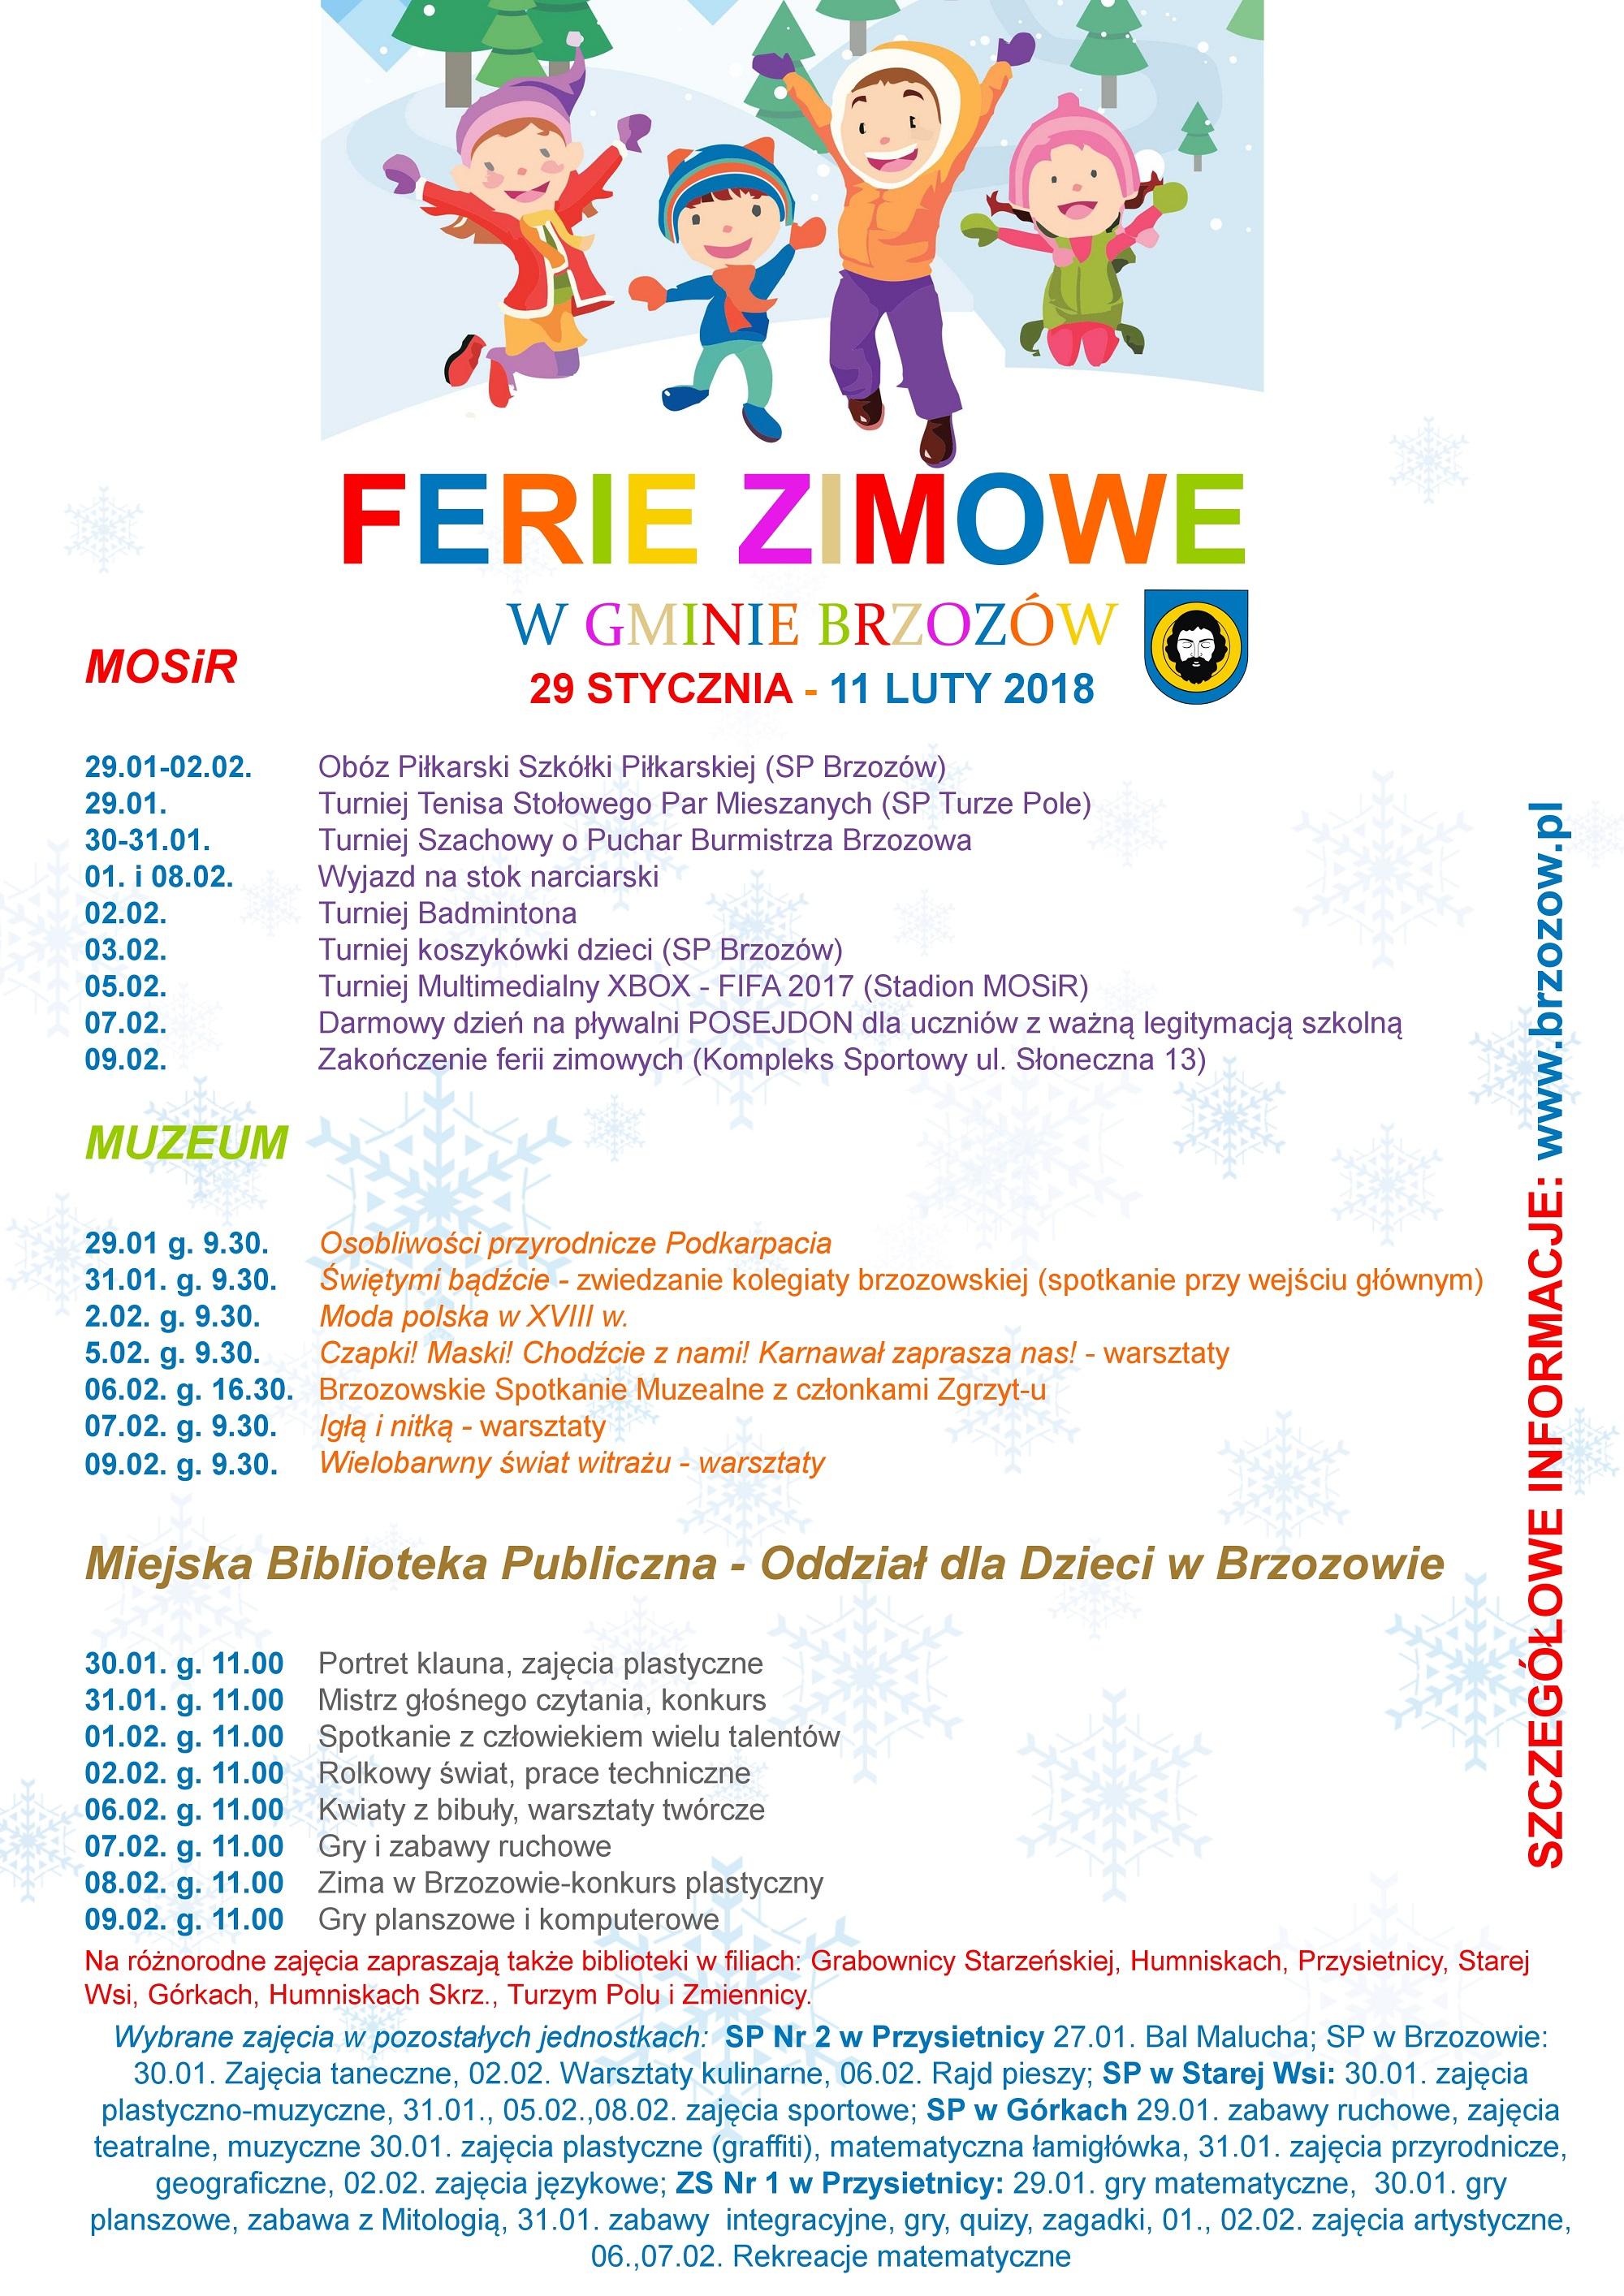 Ferie-Zimowe-pomniejszone